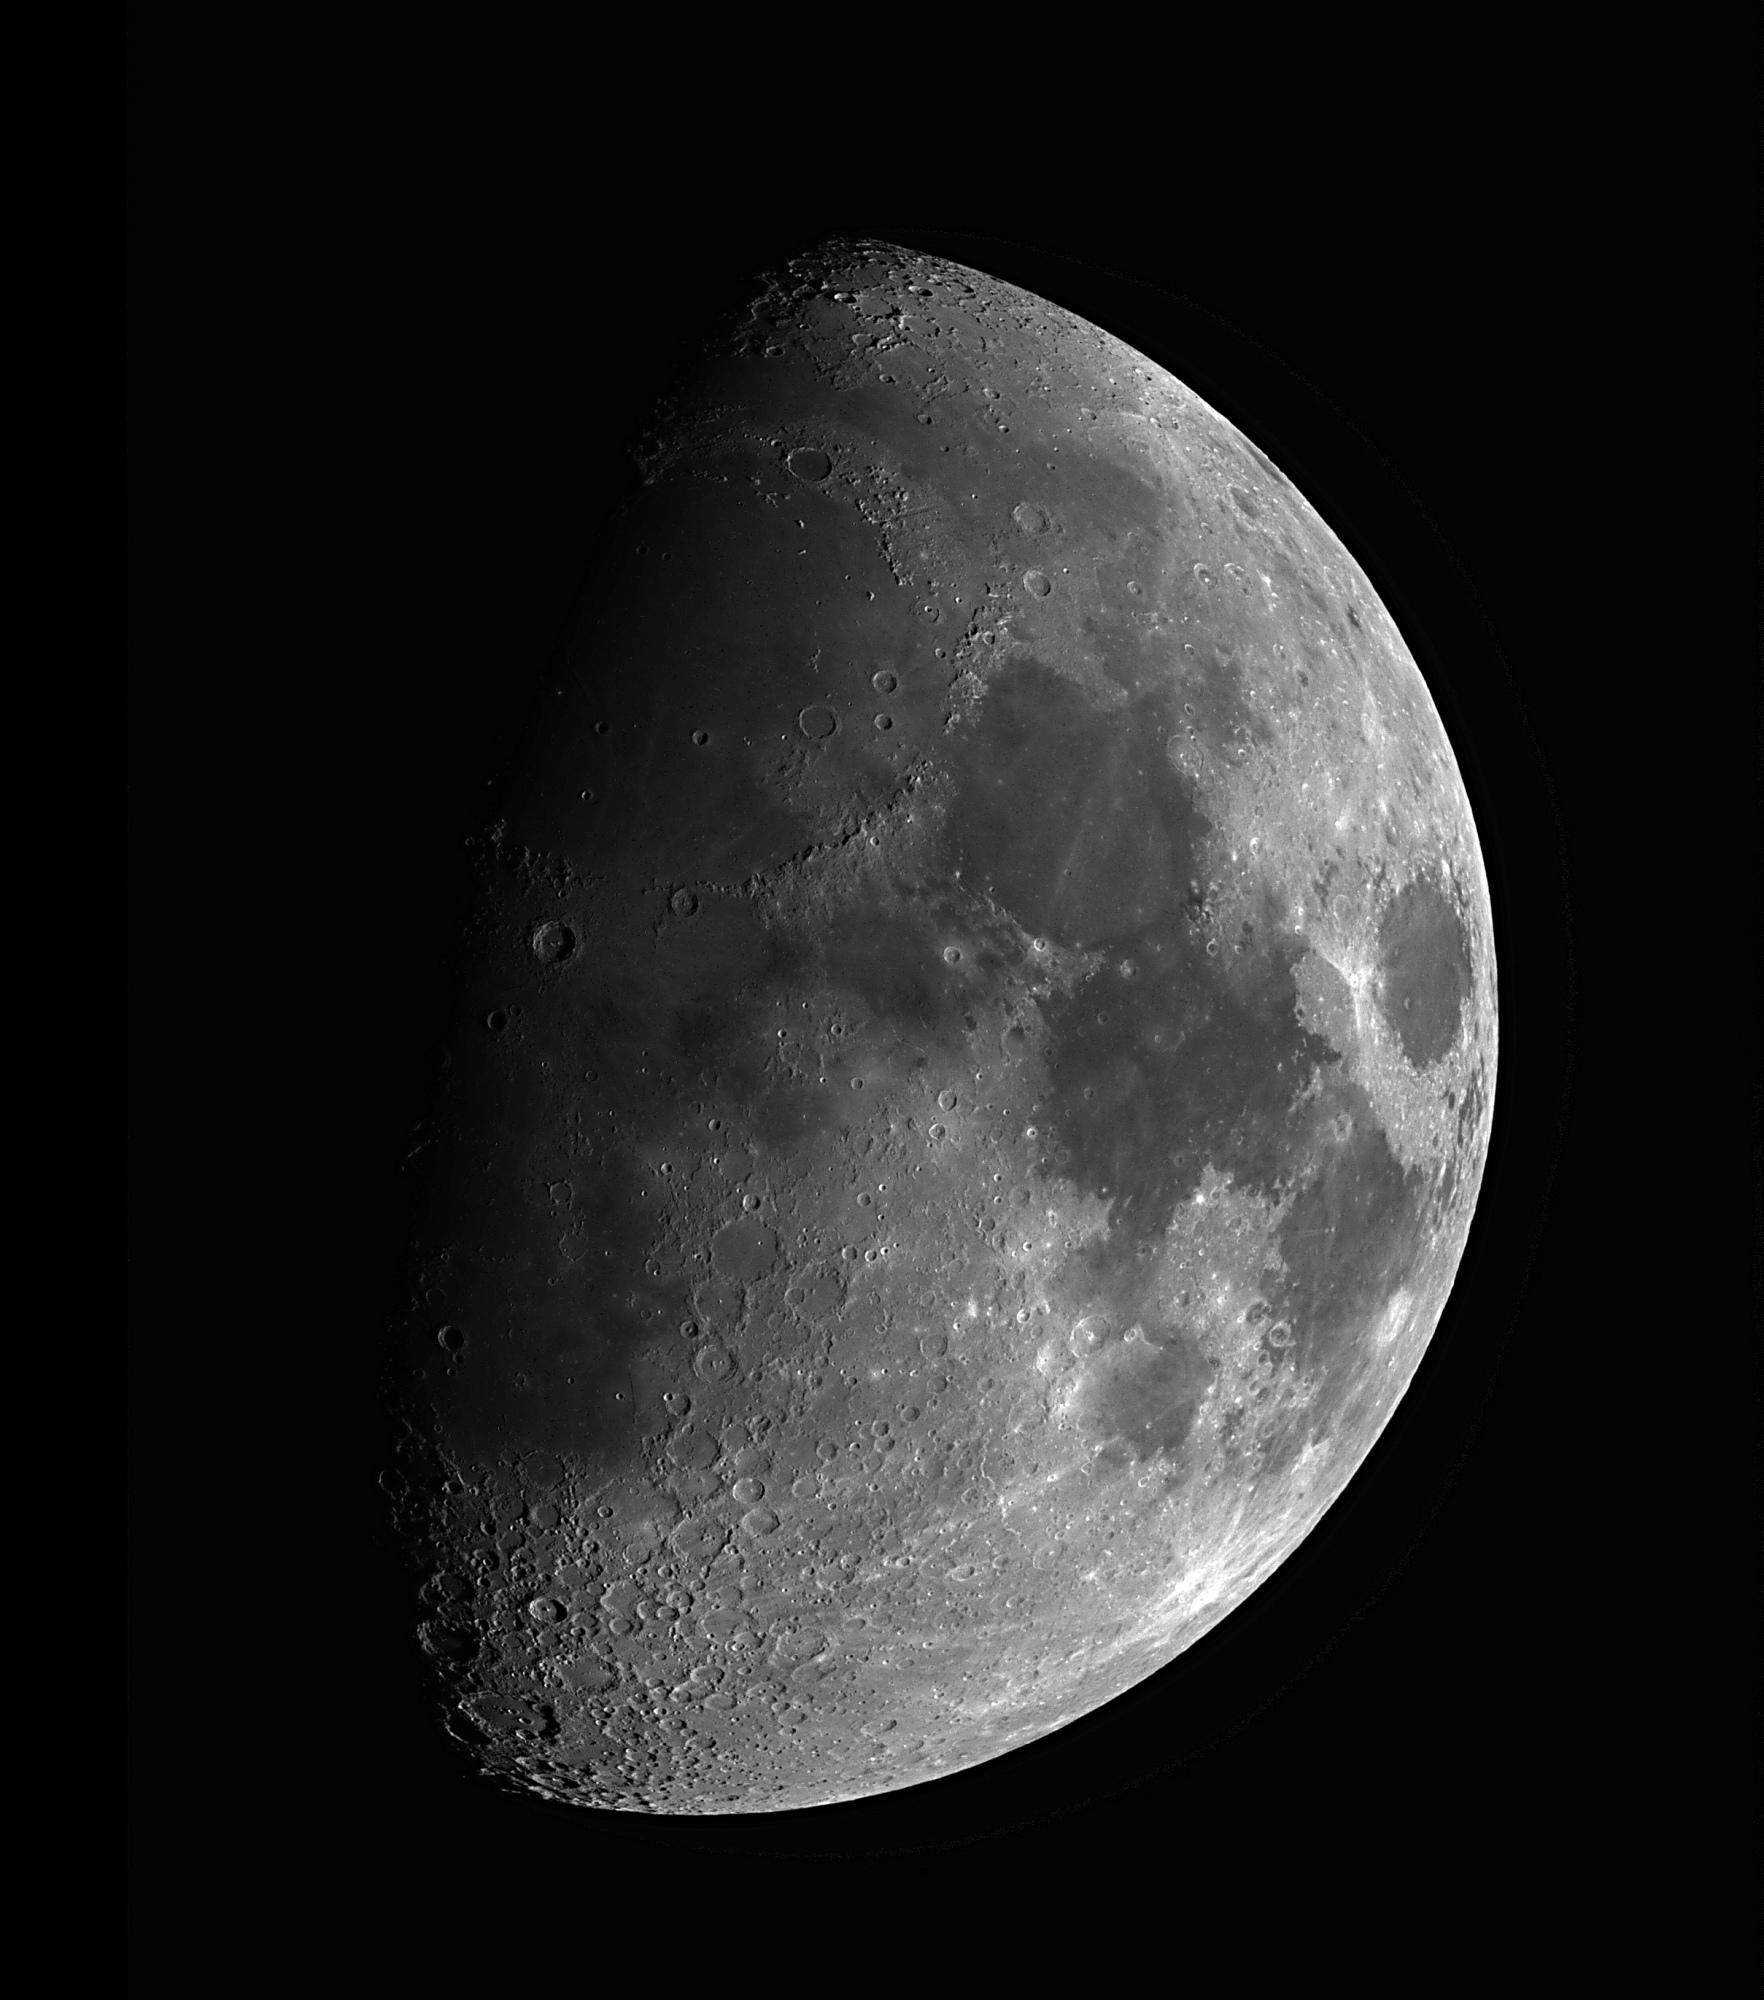 lune_defauts.jpg